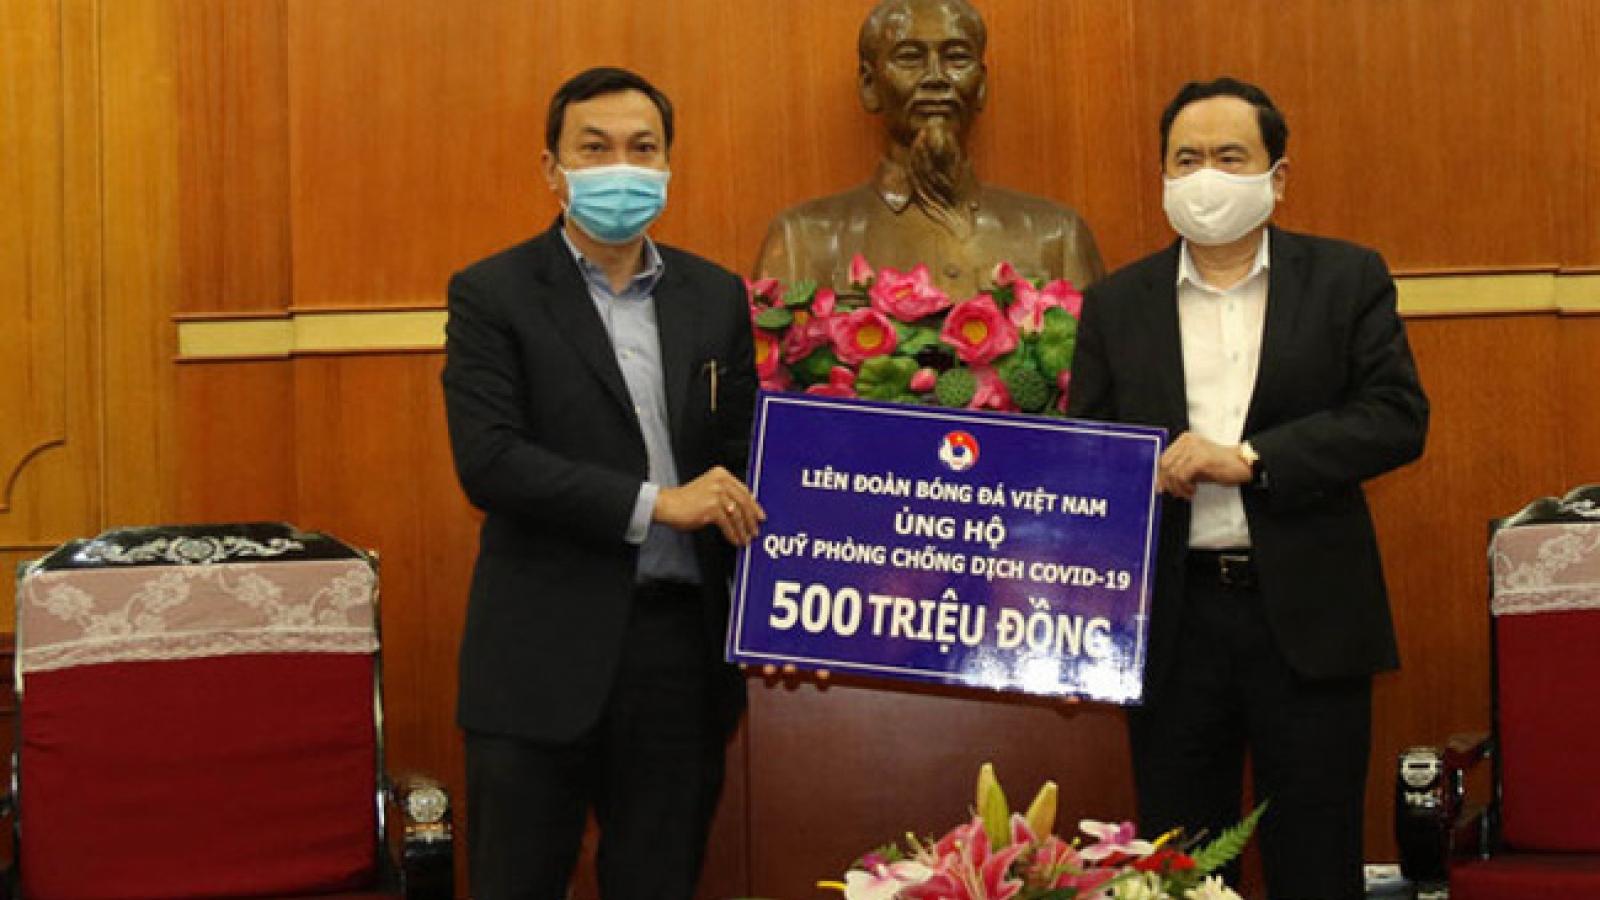 VFF ủng hộ 500 triệu đồng vào quỹ phòng, chống dịch Covid-19